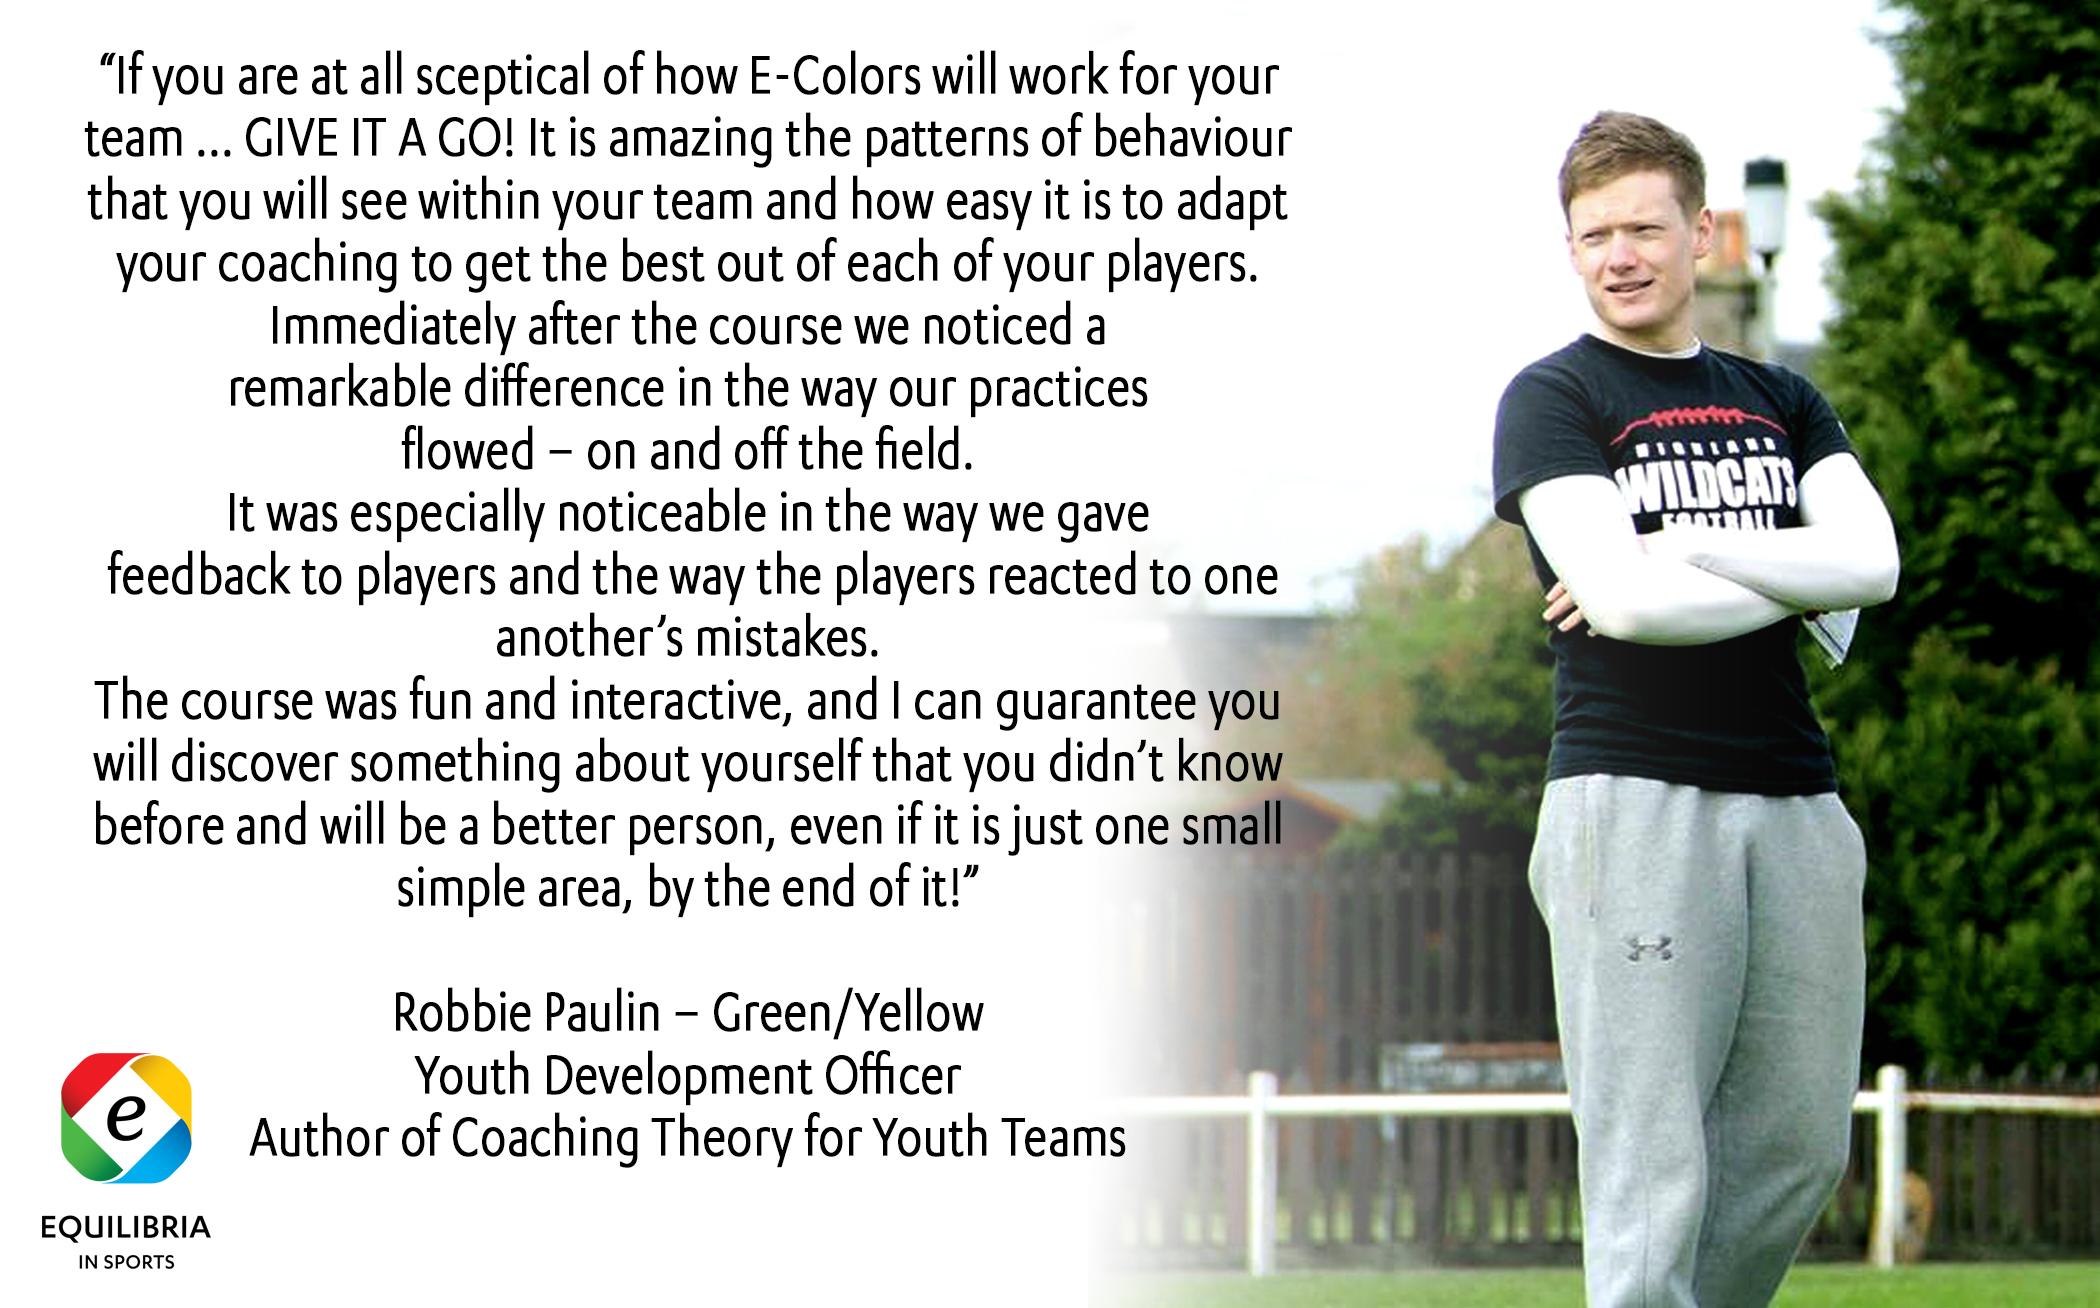 Robbie Paulin